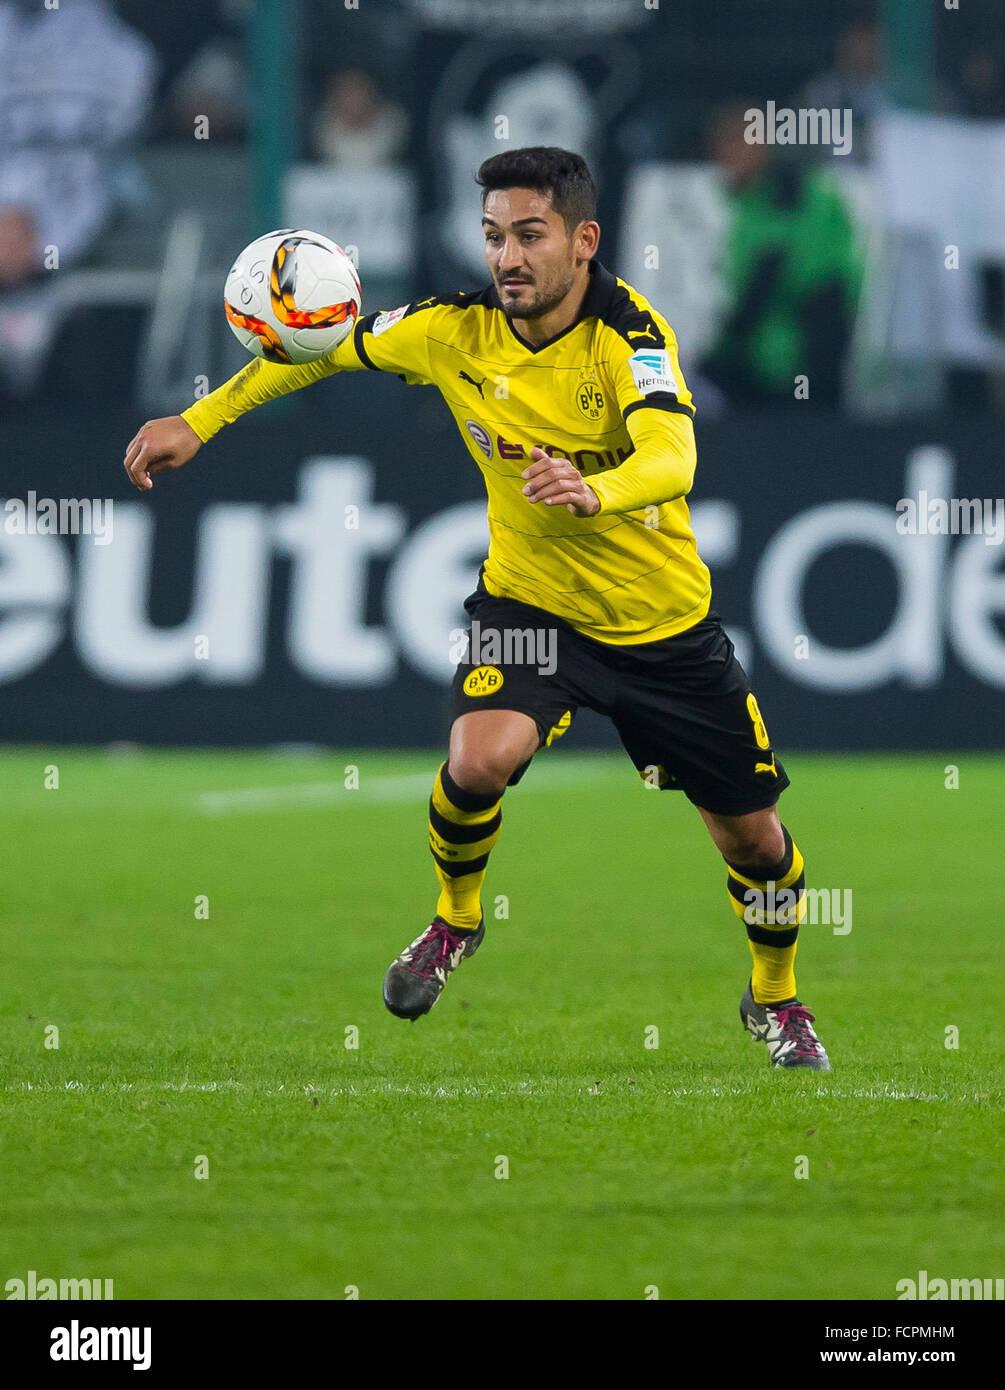 Moenchengladbach Germany 23rd Jan 2016 Dortmund s Ilkay